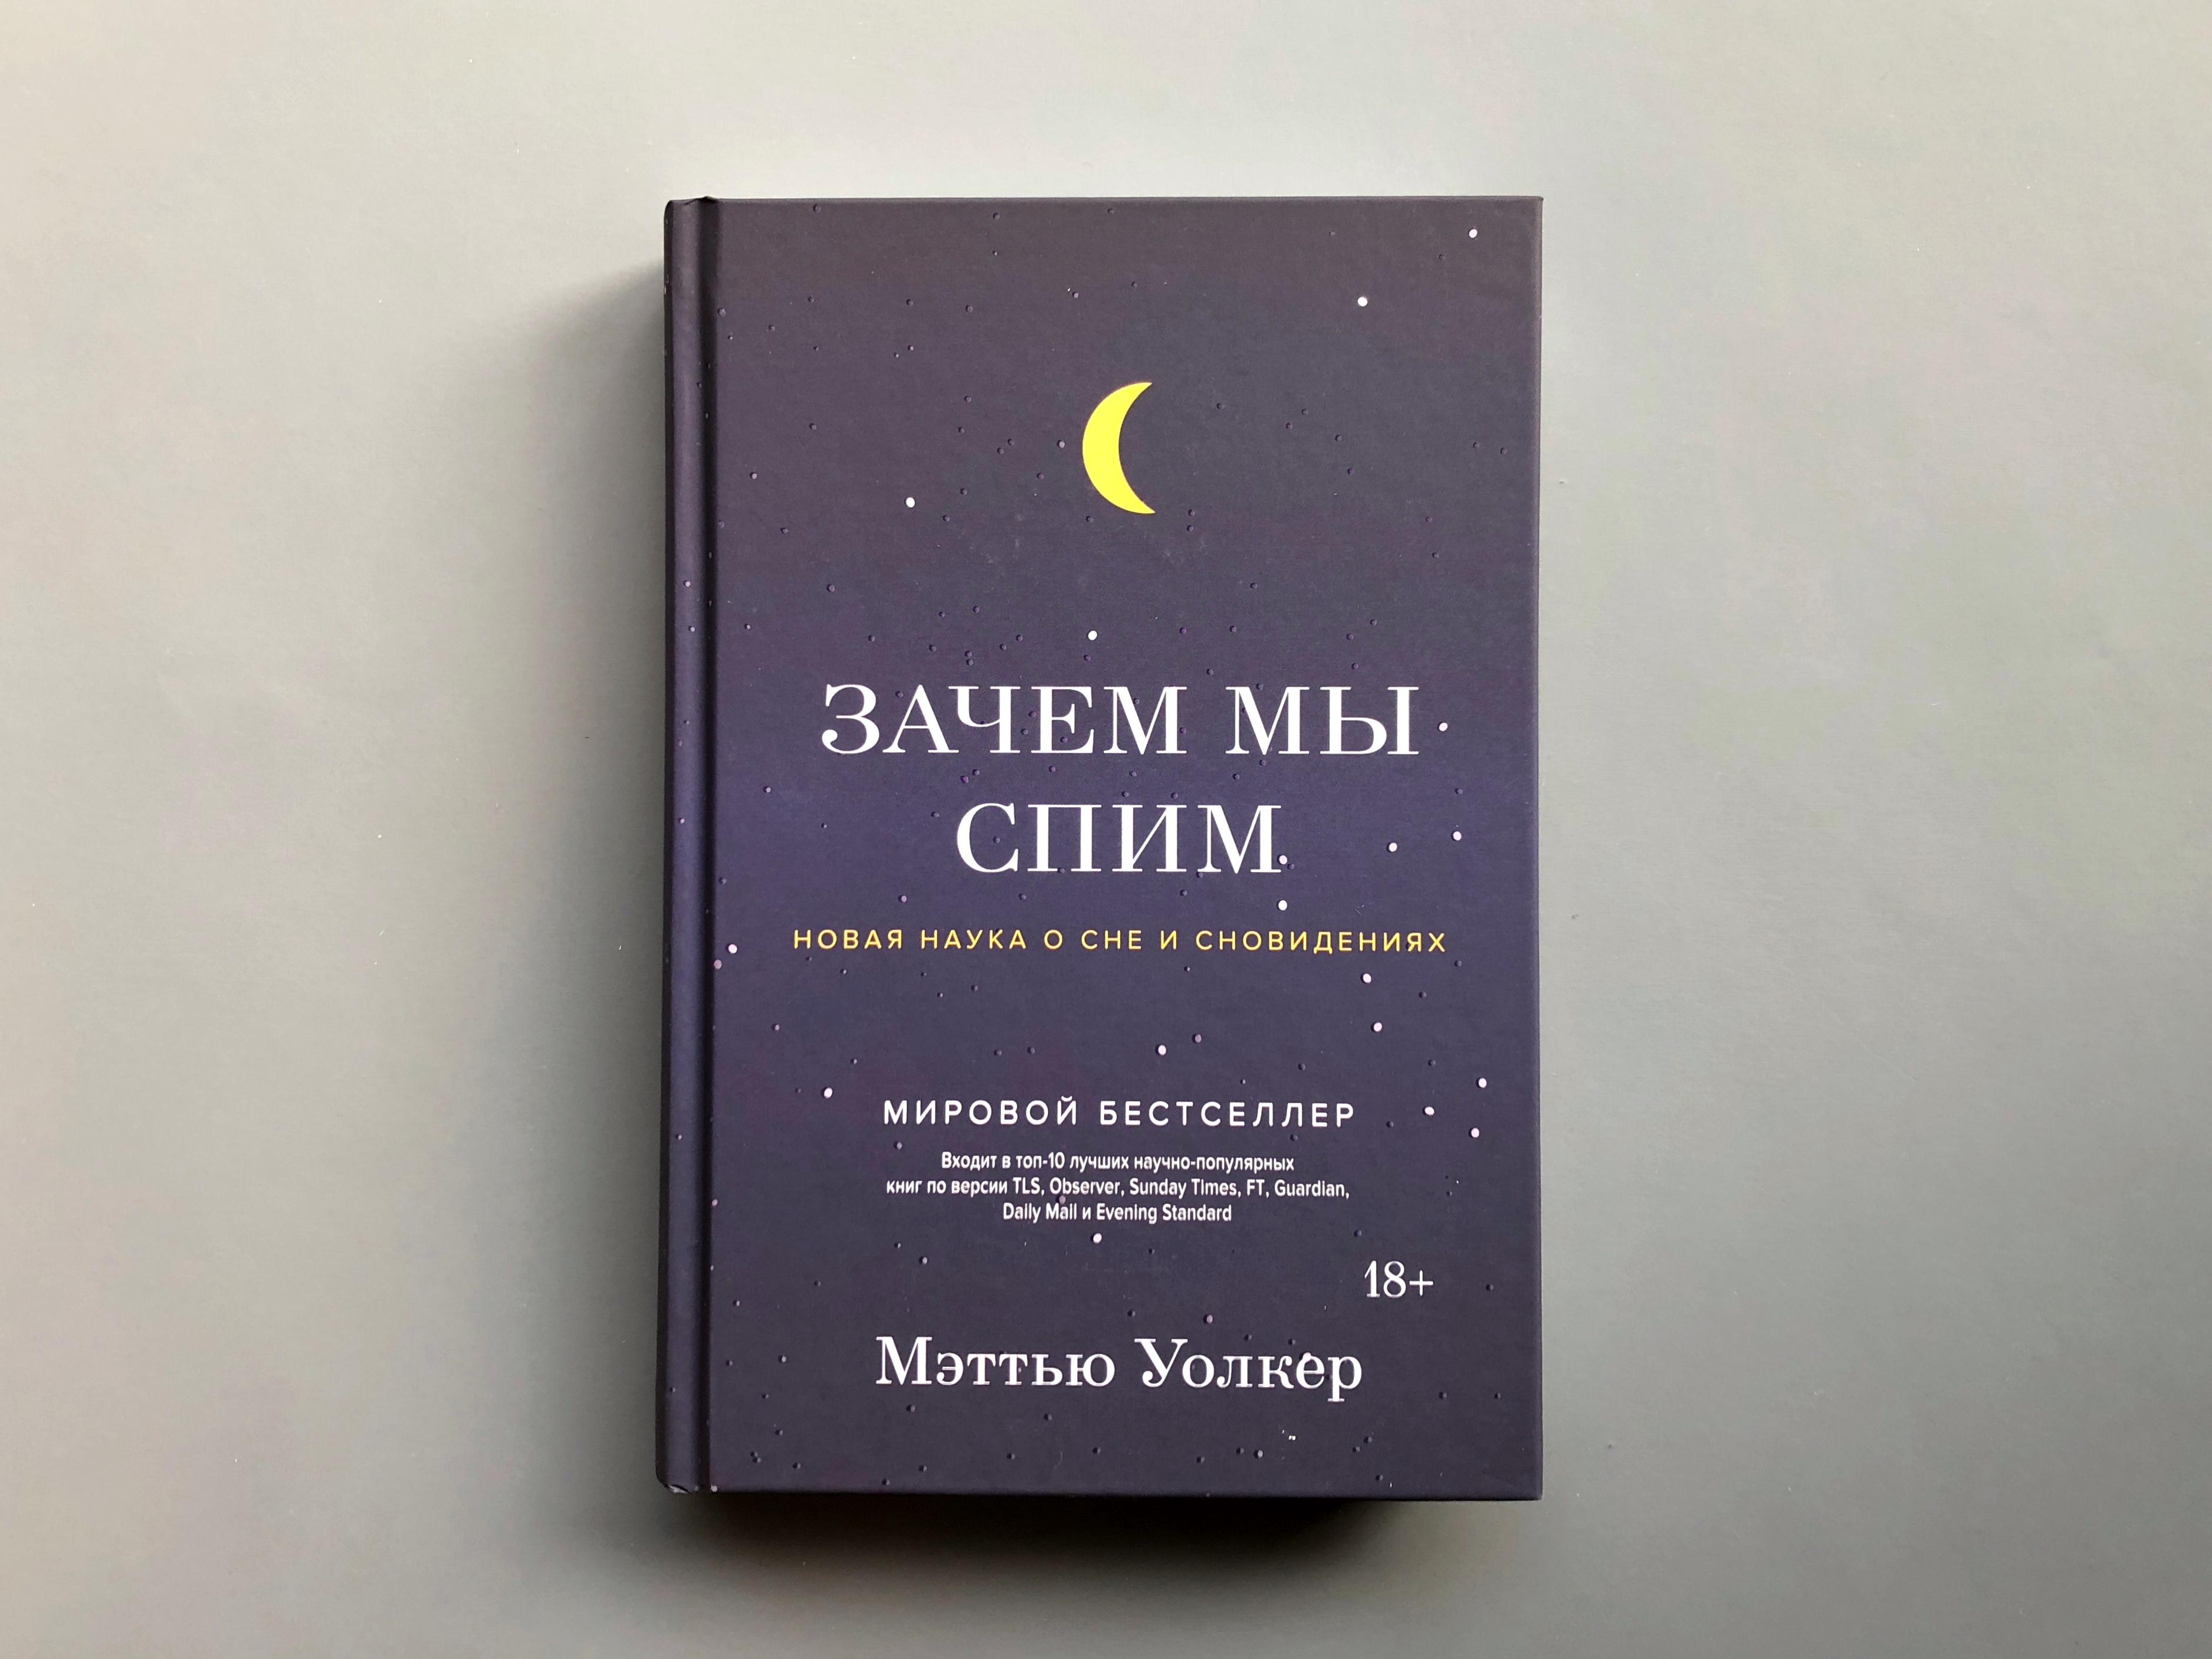 Обложка книги «Зачем мы спим»